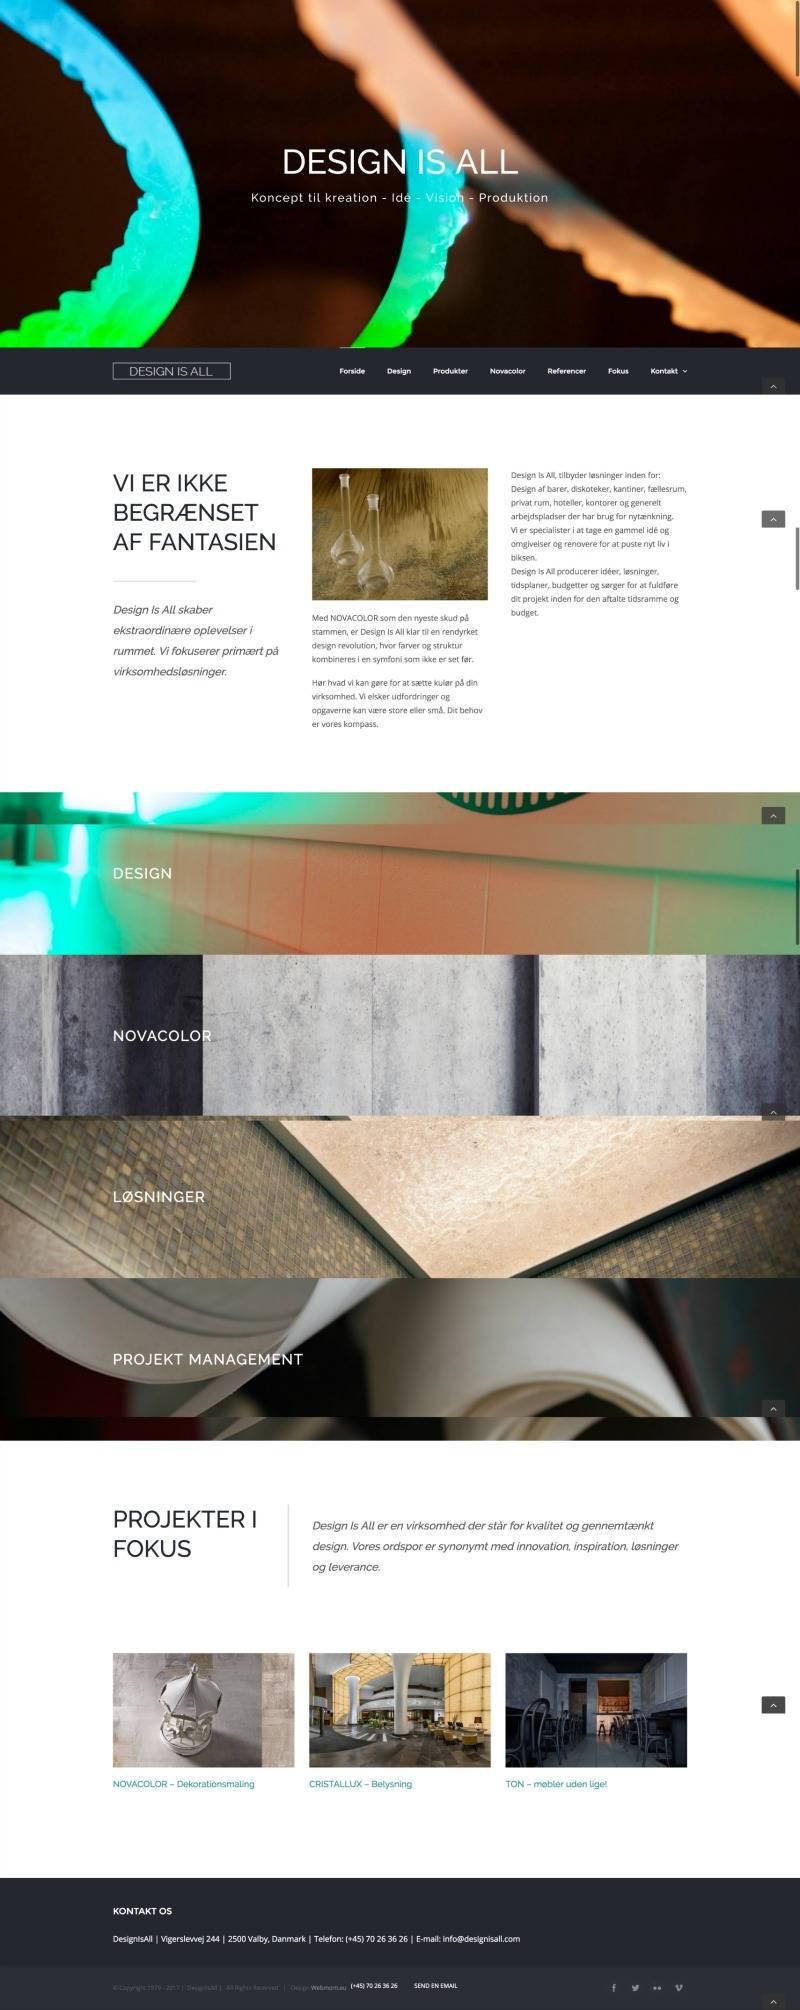 designisall.com, produced by webmom.eu